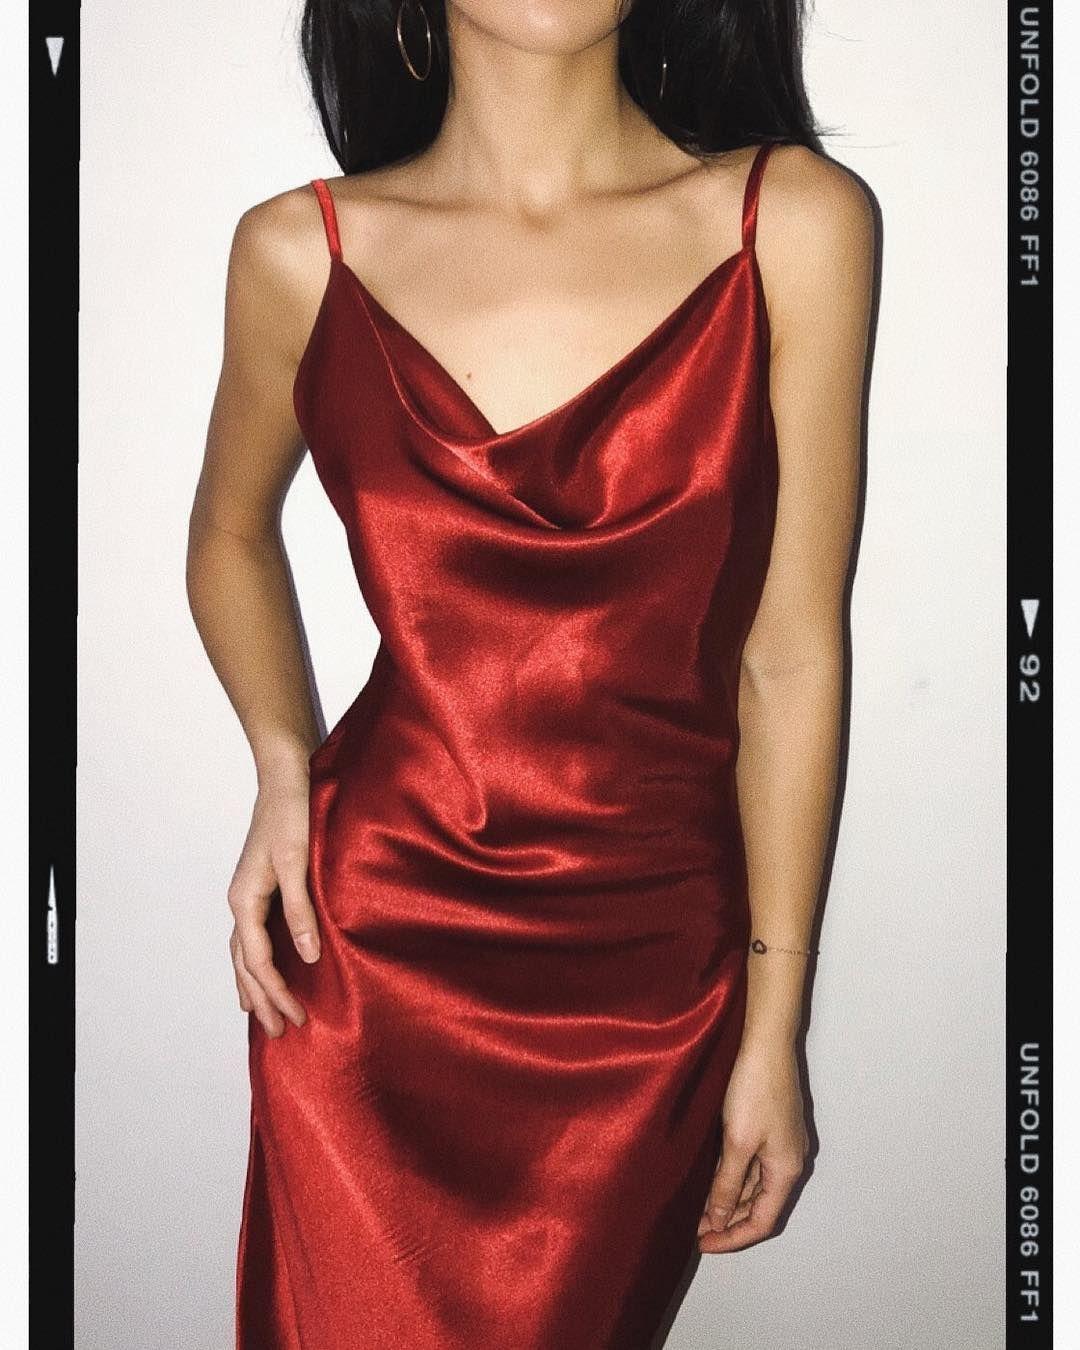 The9x Studio Su Instagram Novaya Shelkovaya Kombinaciya S Letyashim Vorotom 5900 Kombinaciya V Nalichii V Vinnom Zoloto Silk Prom Dress Red Silk Dress Silk Dress